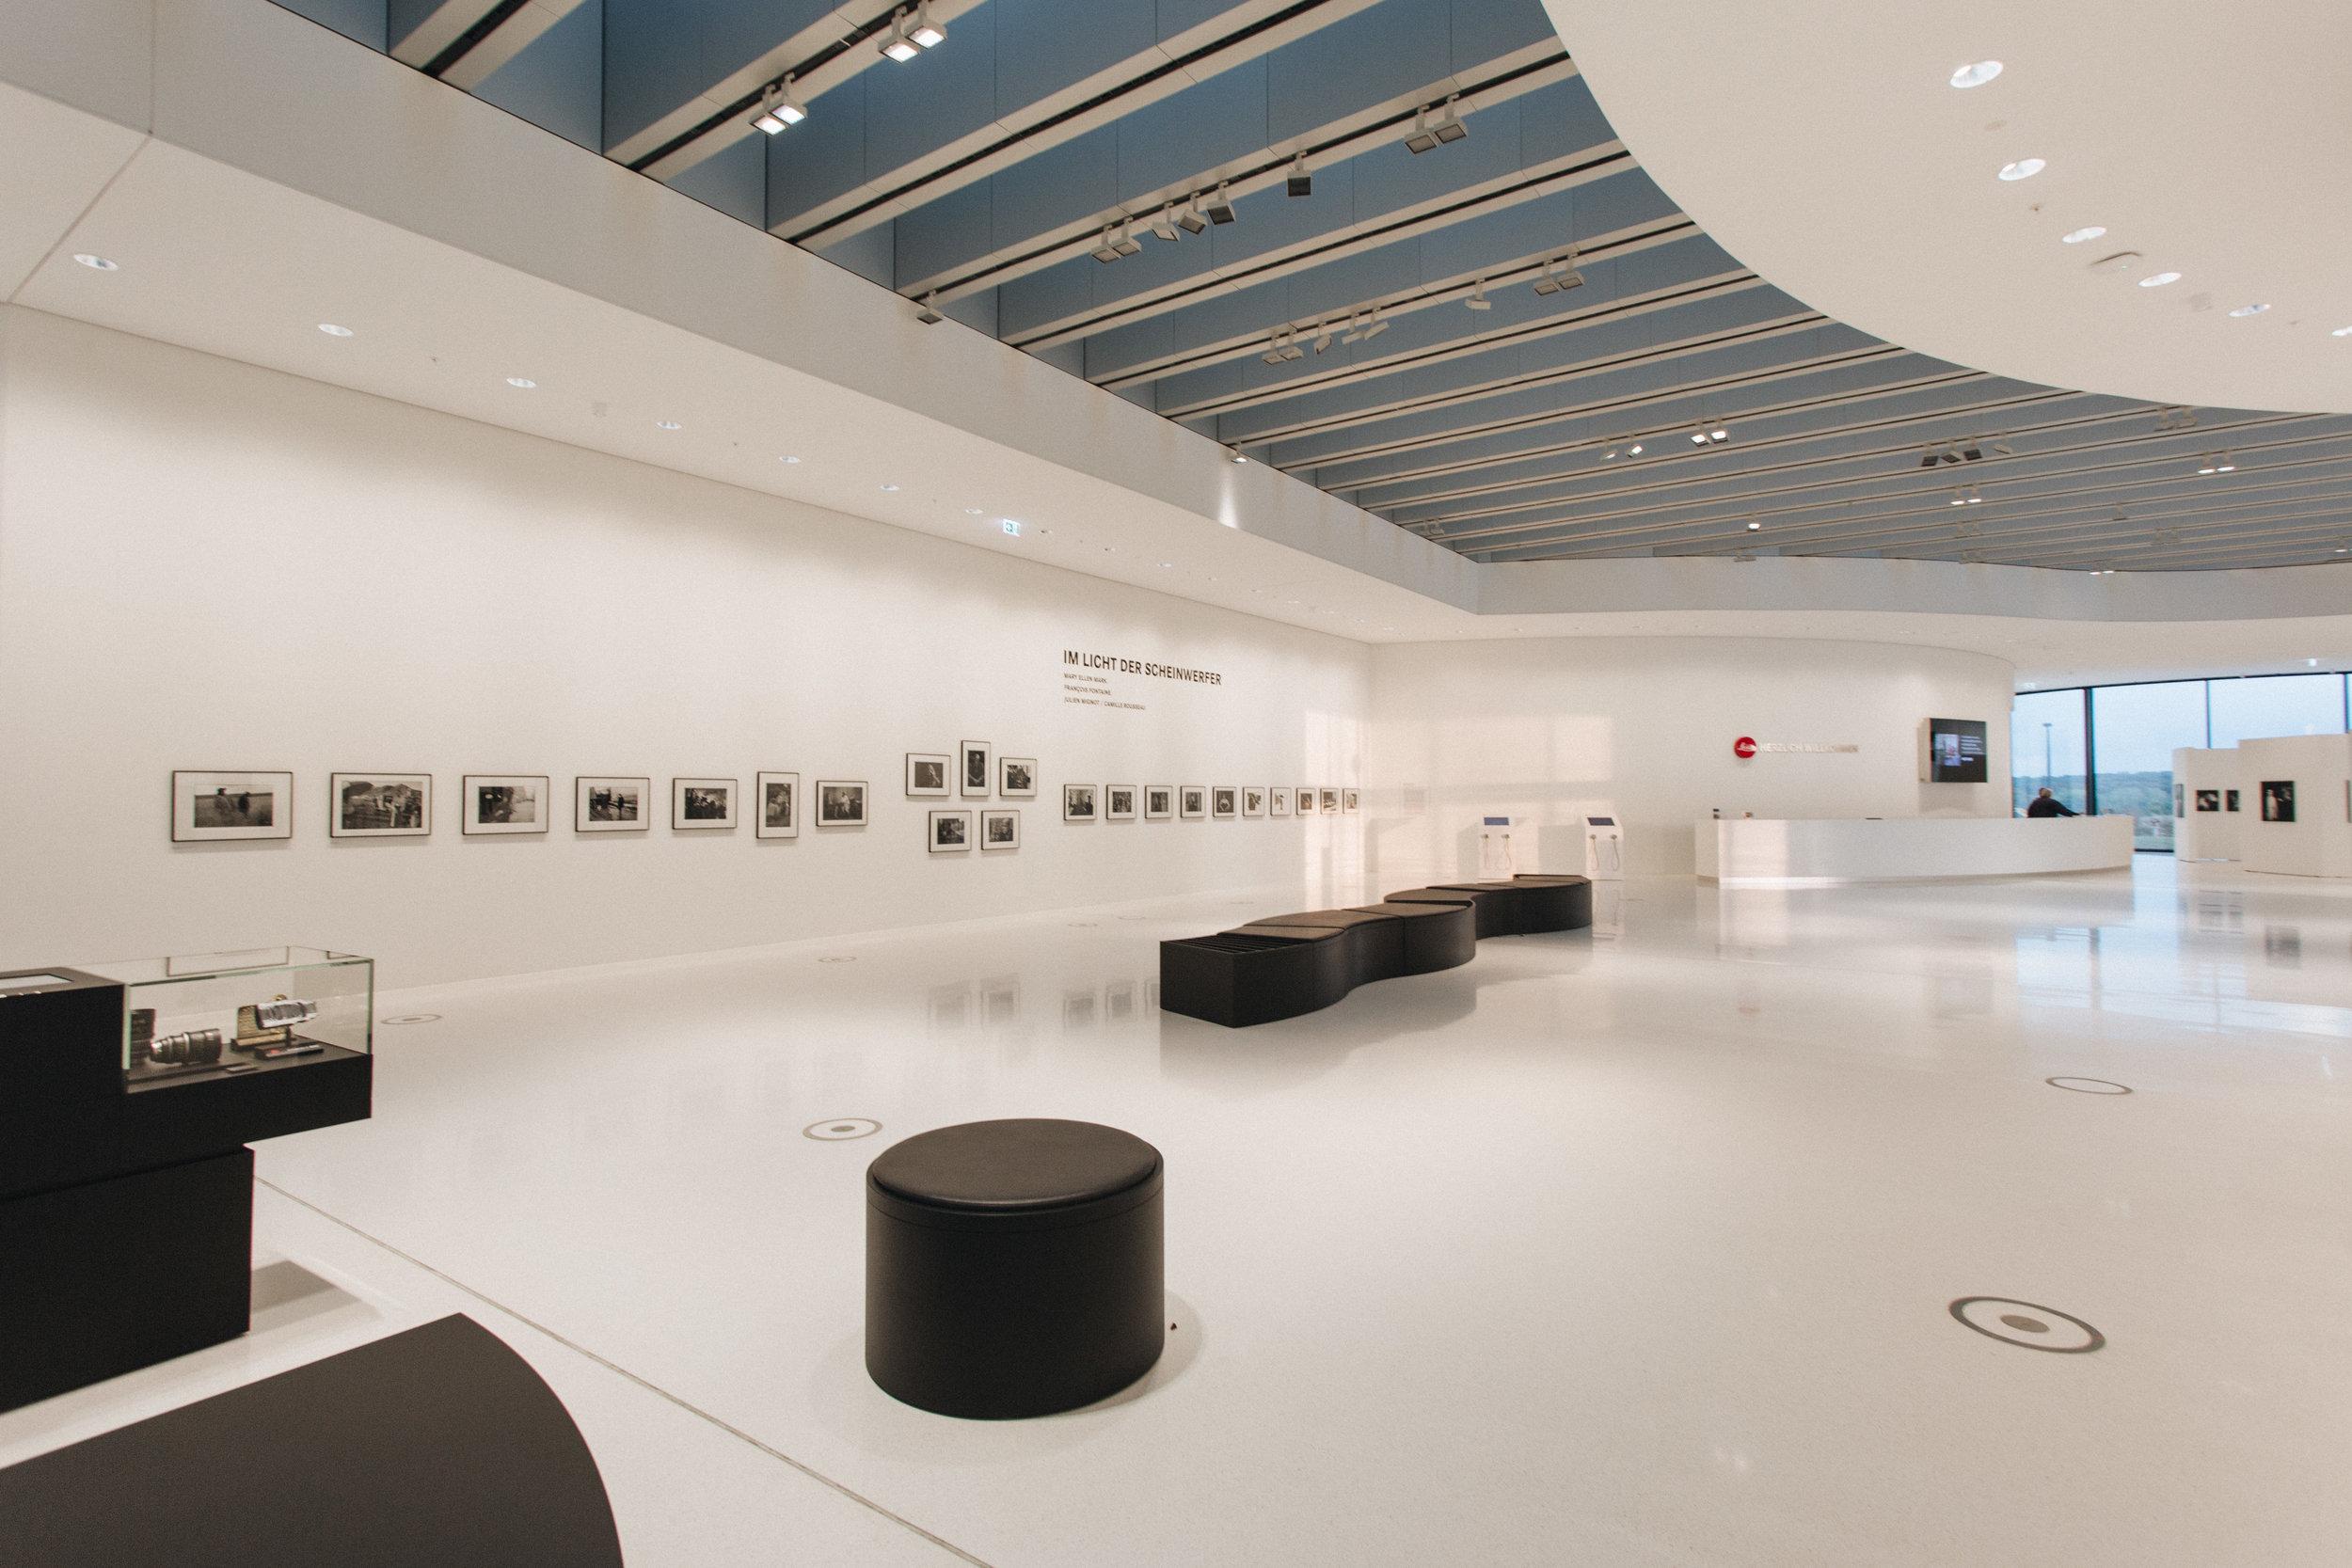 Museu_Loja_Leica 2016-22.jpg